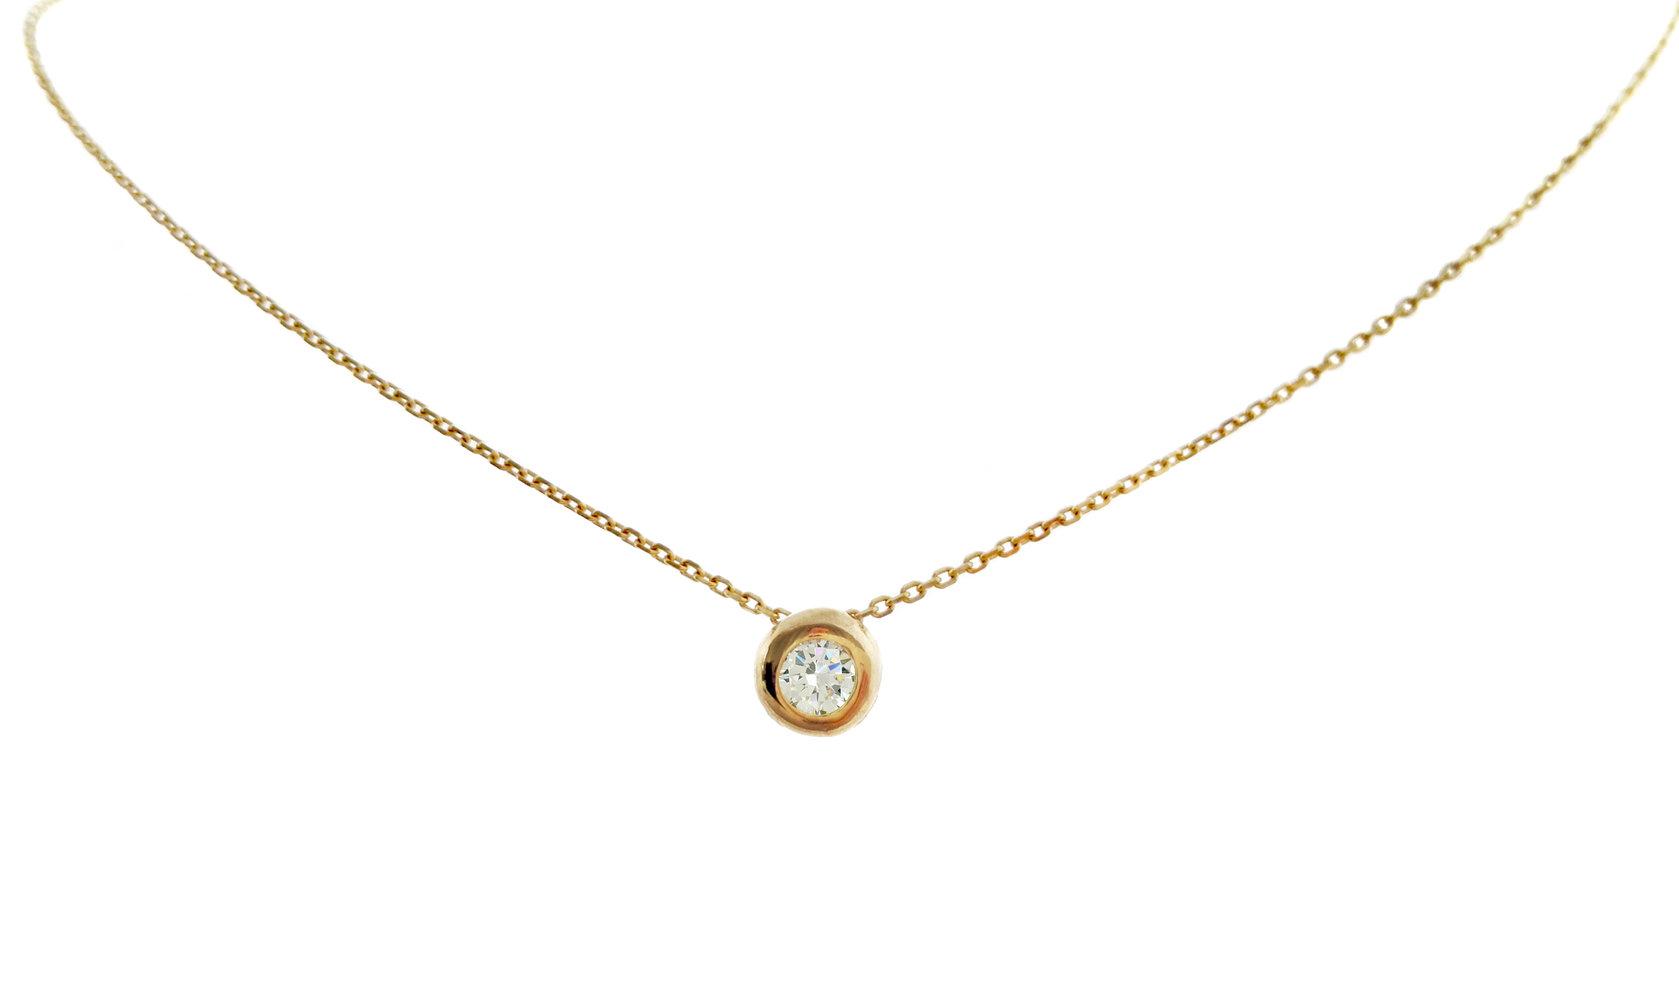 echt Gold 8k 333 Kette Collier CZ Zirkonia Solitär Halskette Gliederkette Schmuck